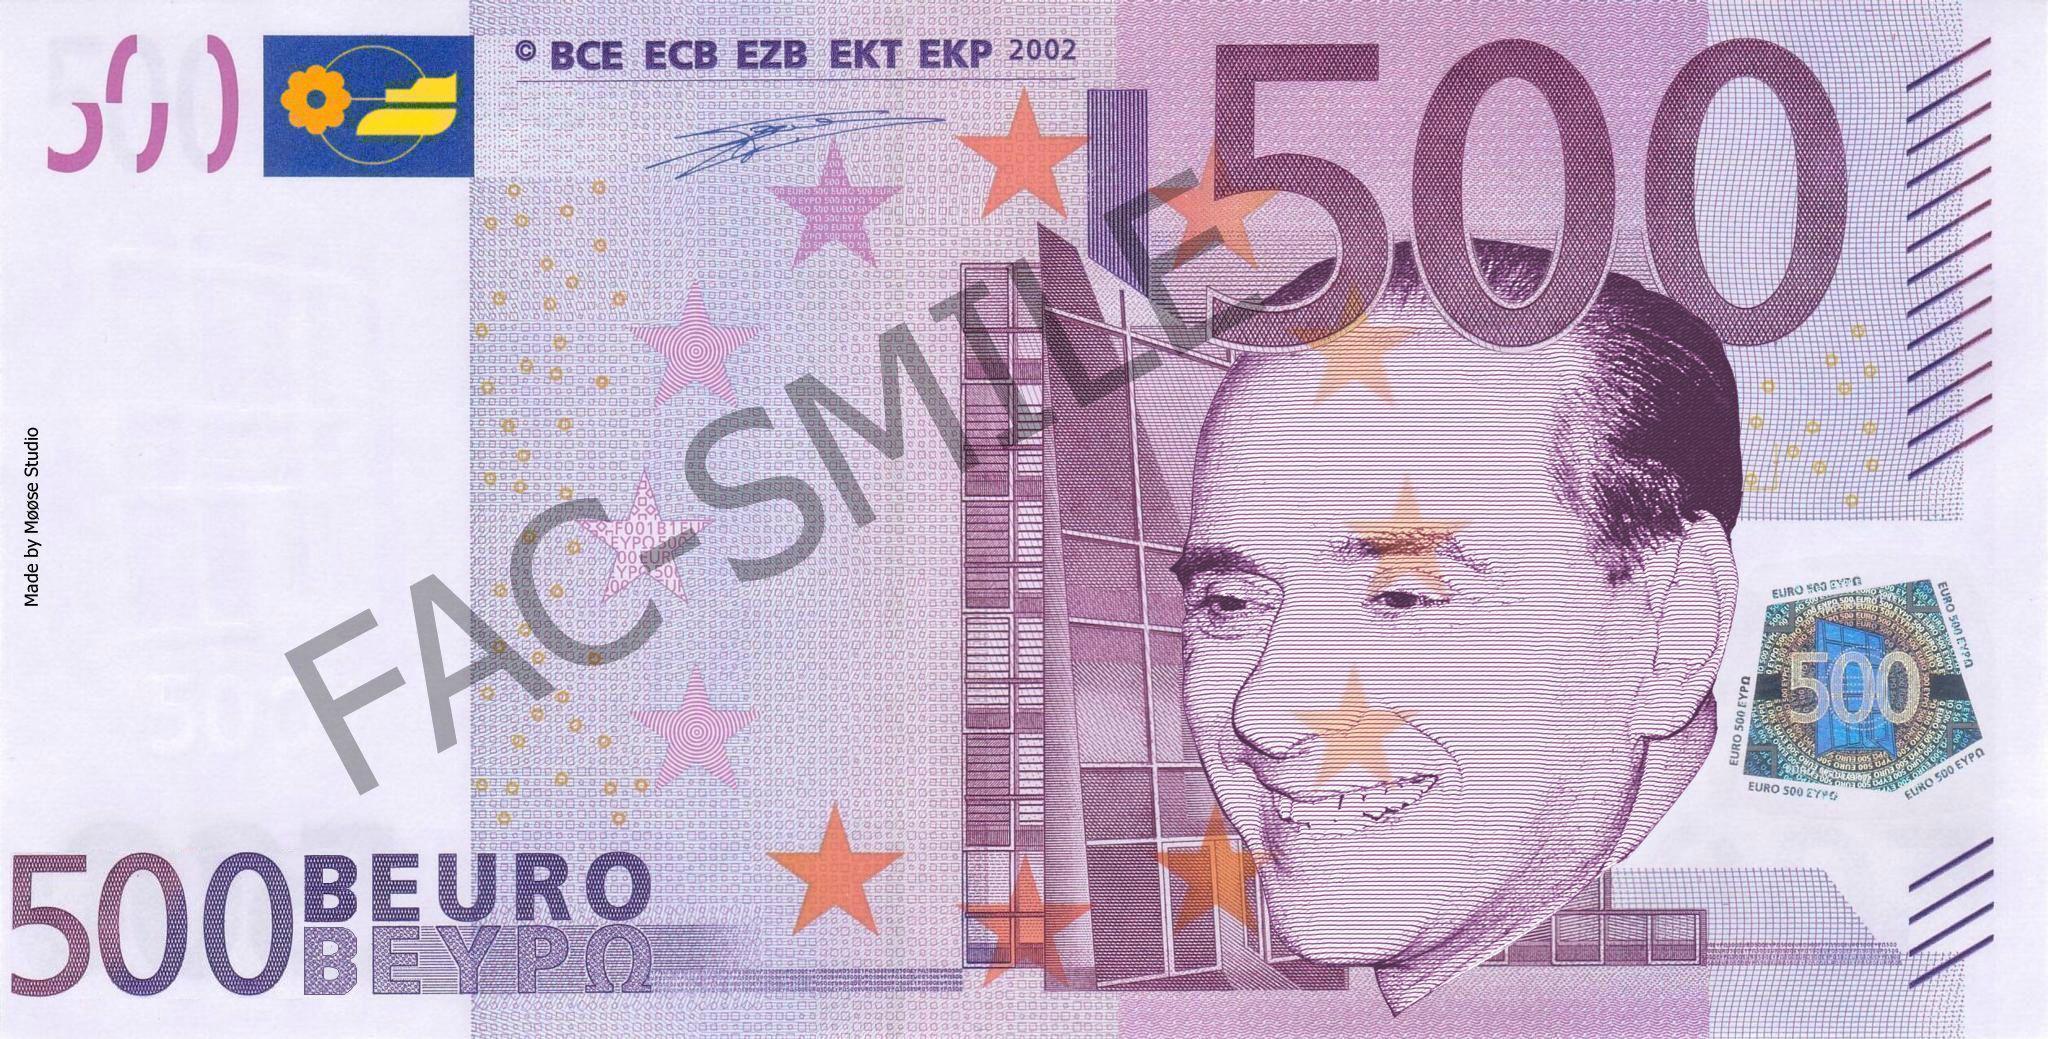 Euro_berlusconi.jpg?47e3a5